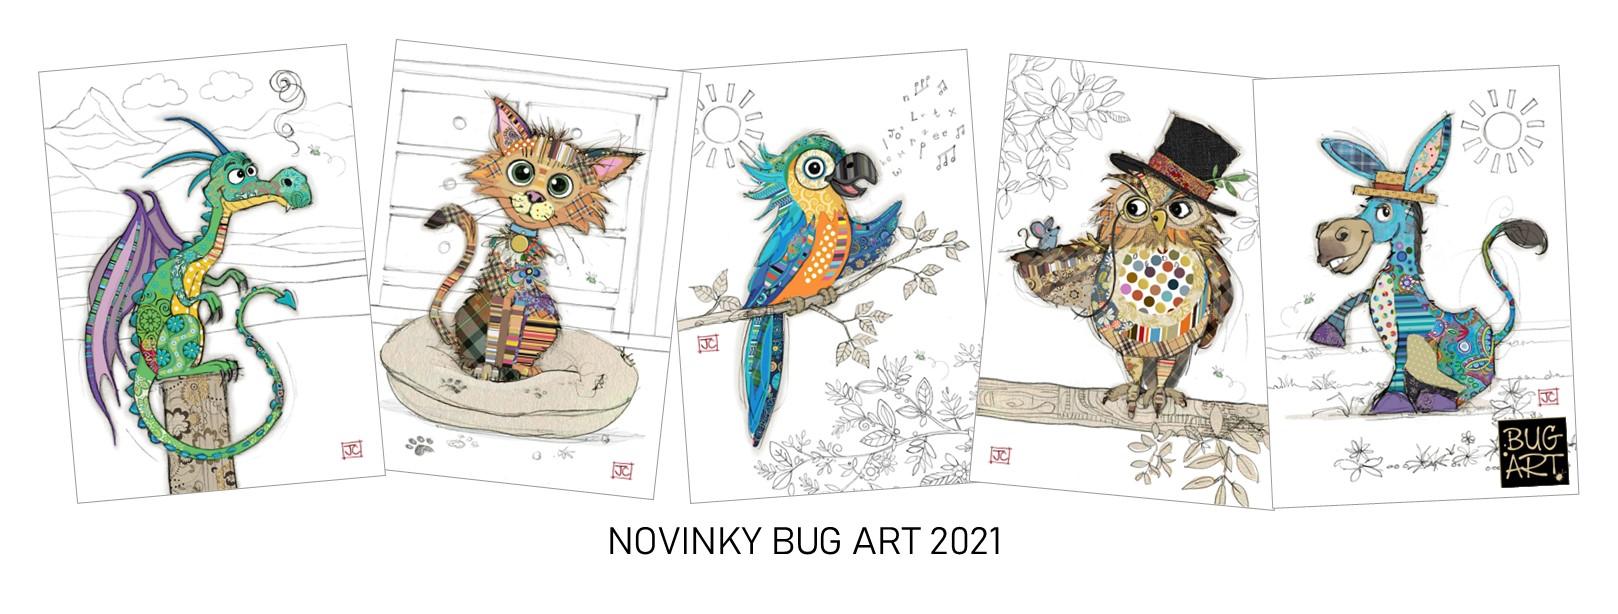 BUG ART 2021.1